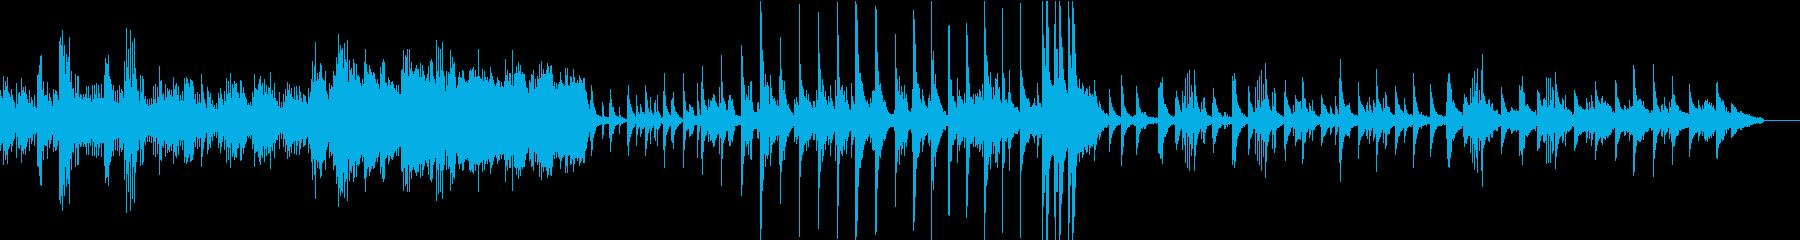 悲しい雰囲気のエレクトロニカの再生済みの波形